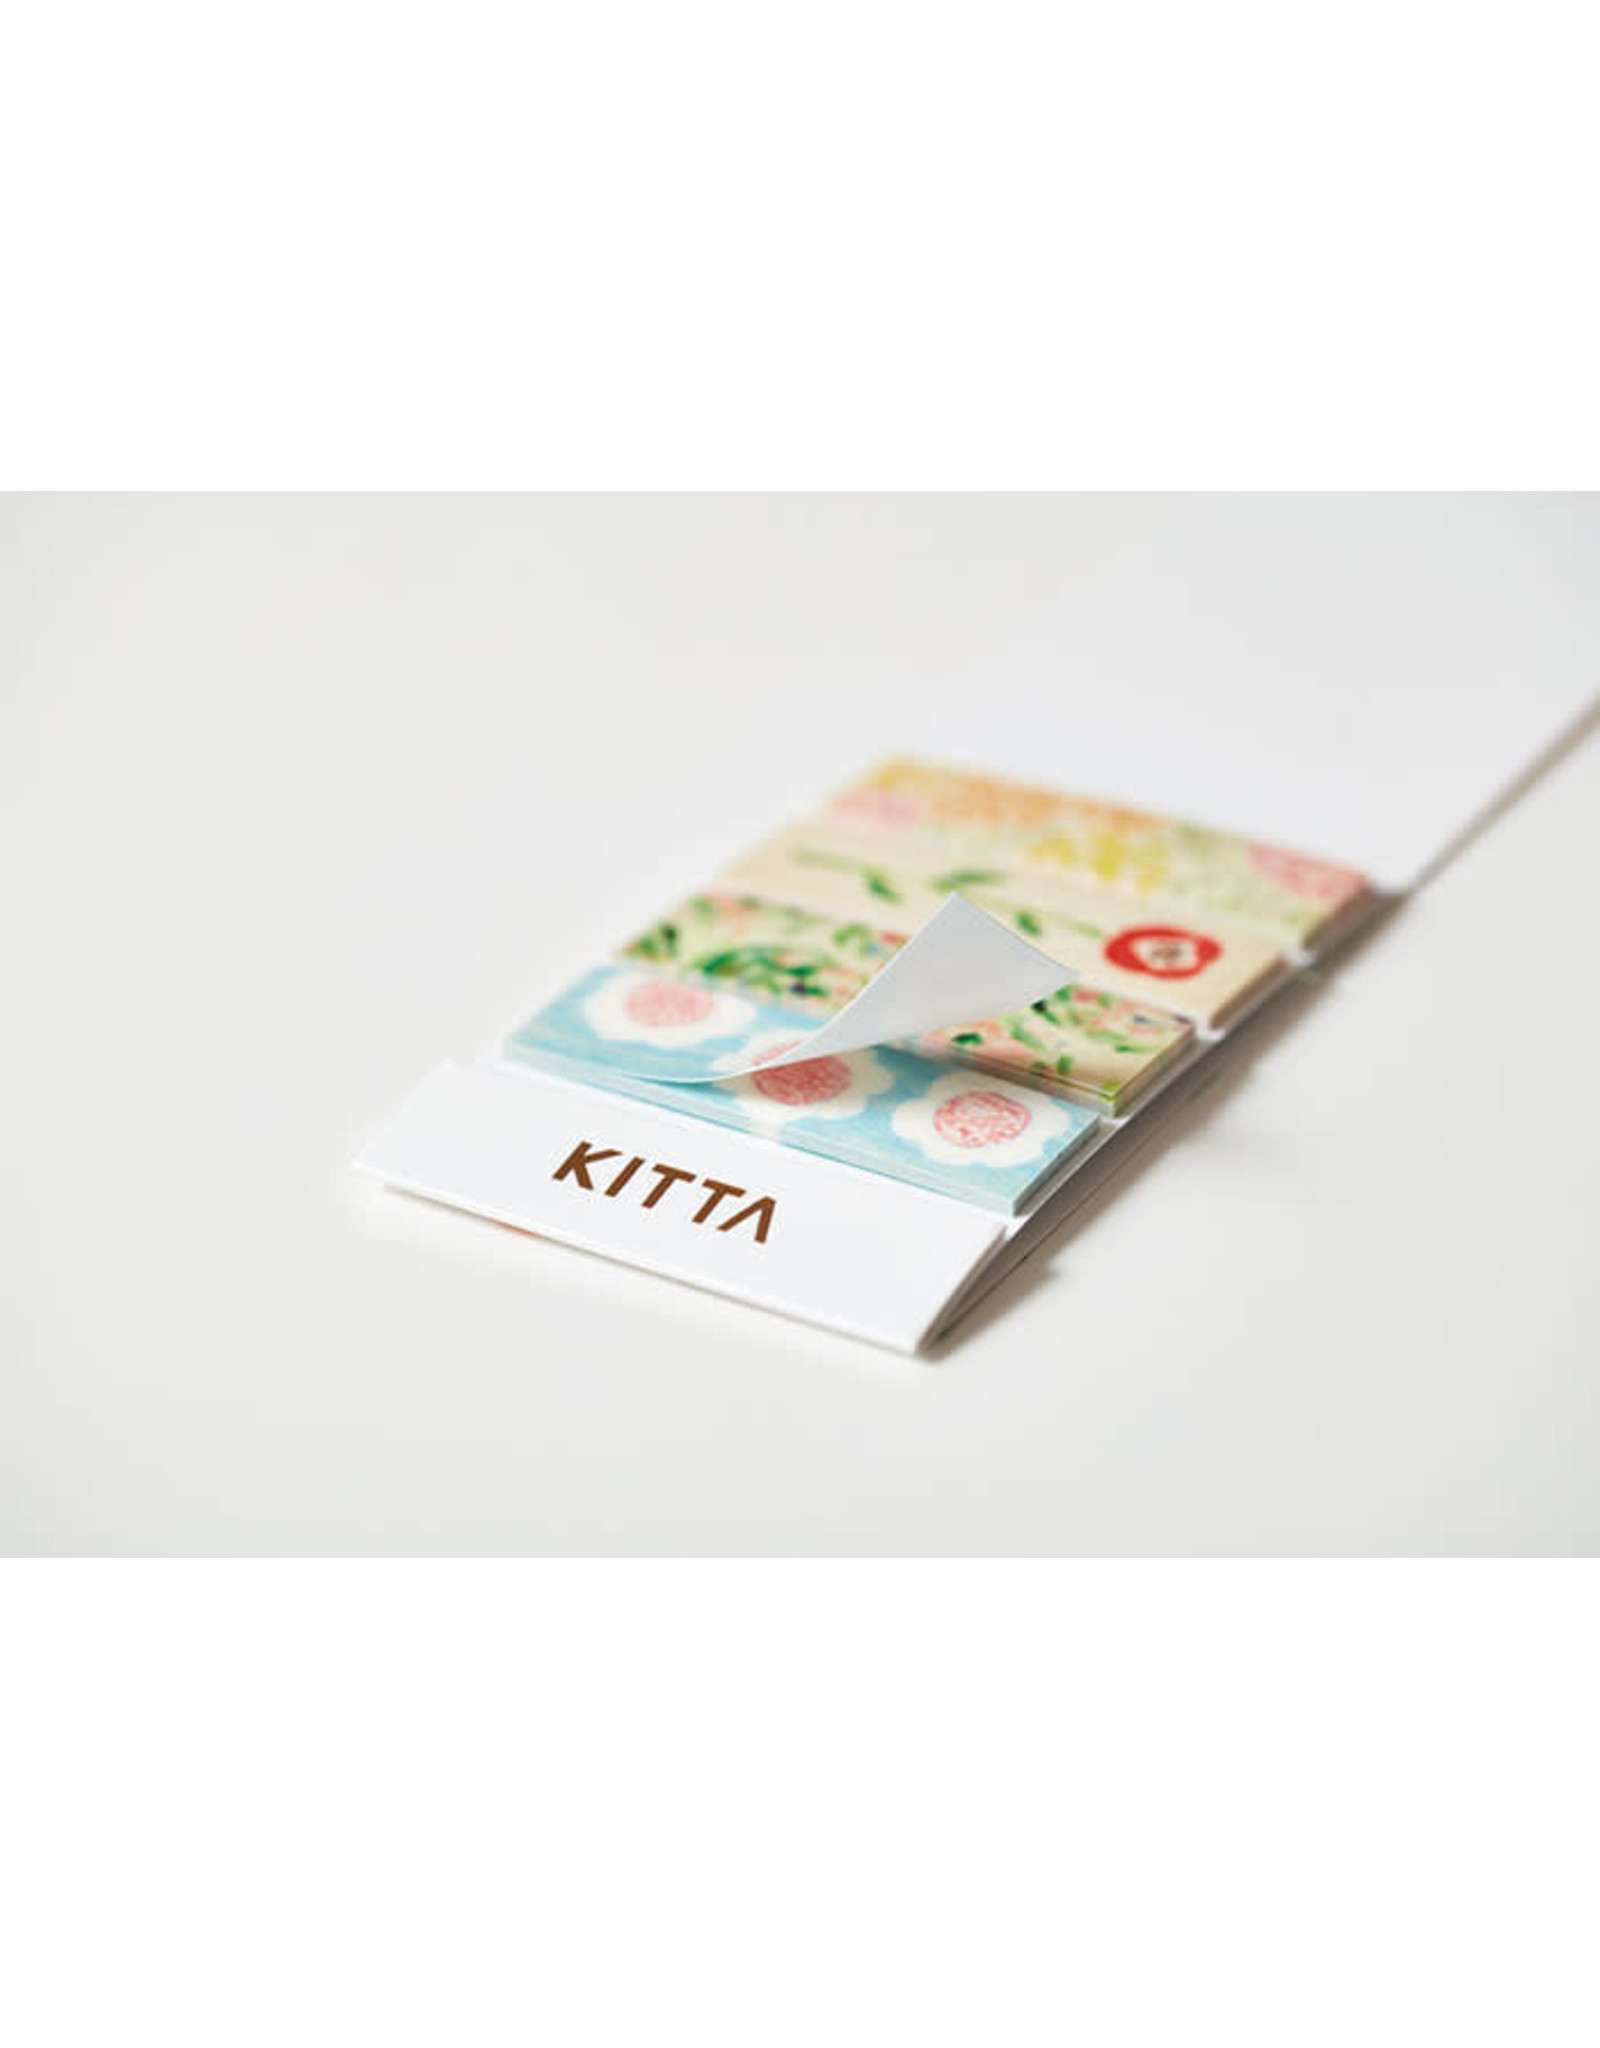 KING JIM CO., LTD. KITTA PLATE